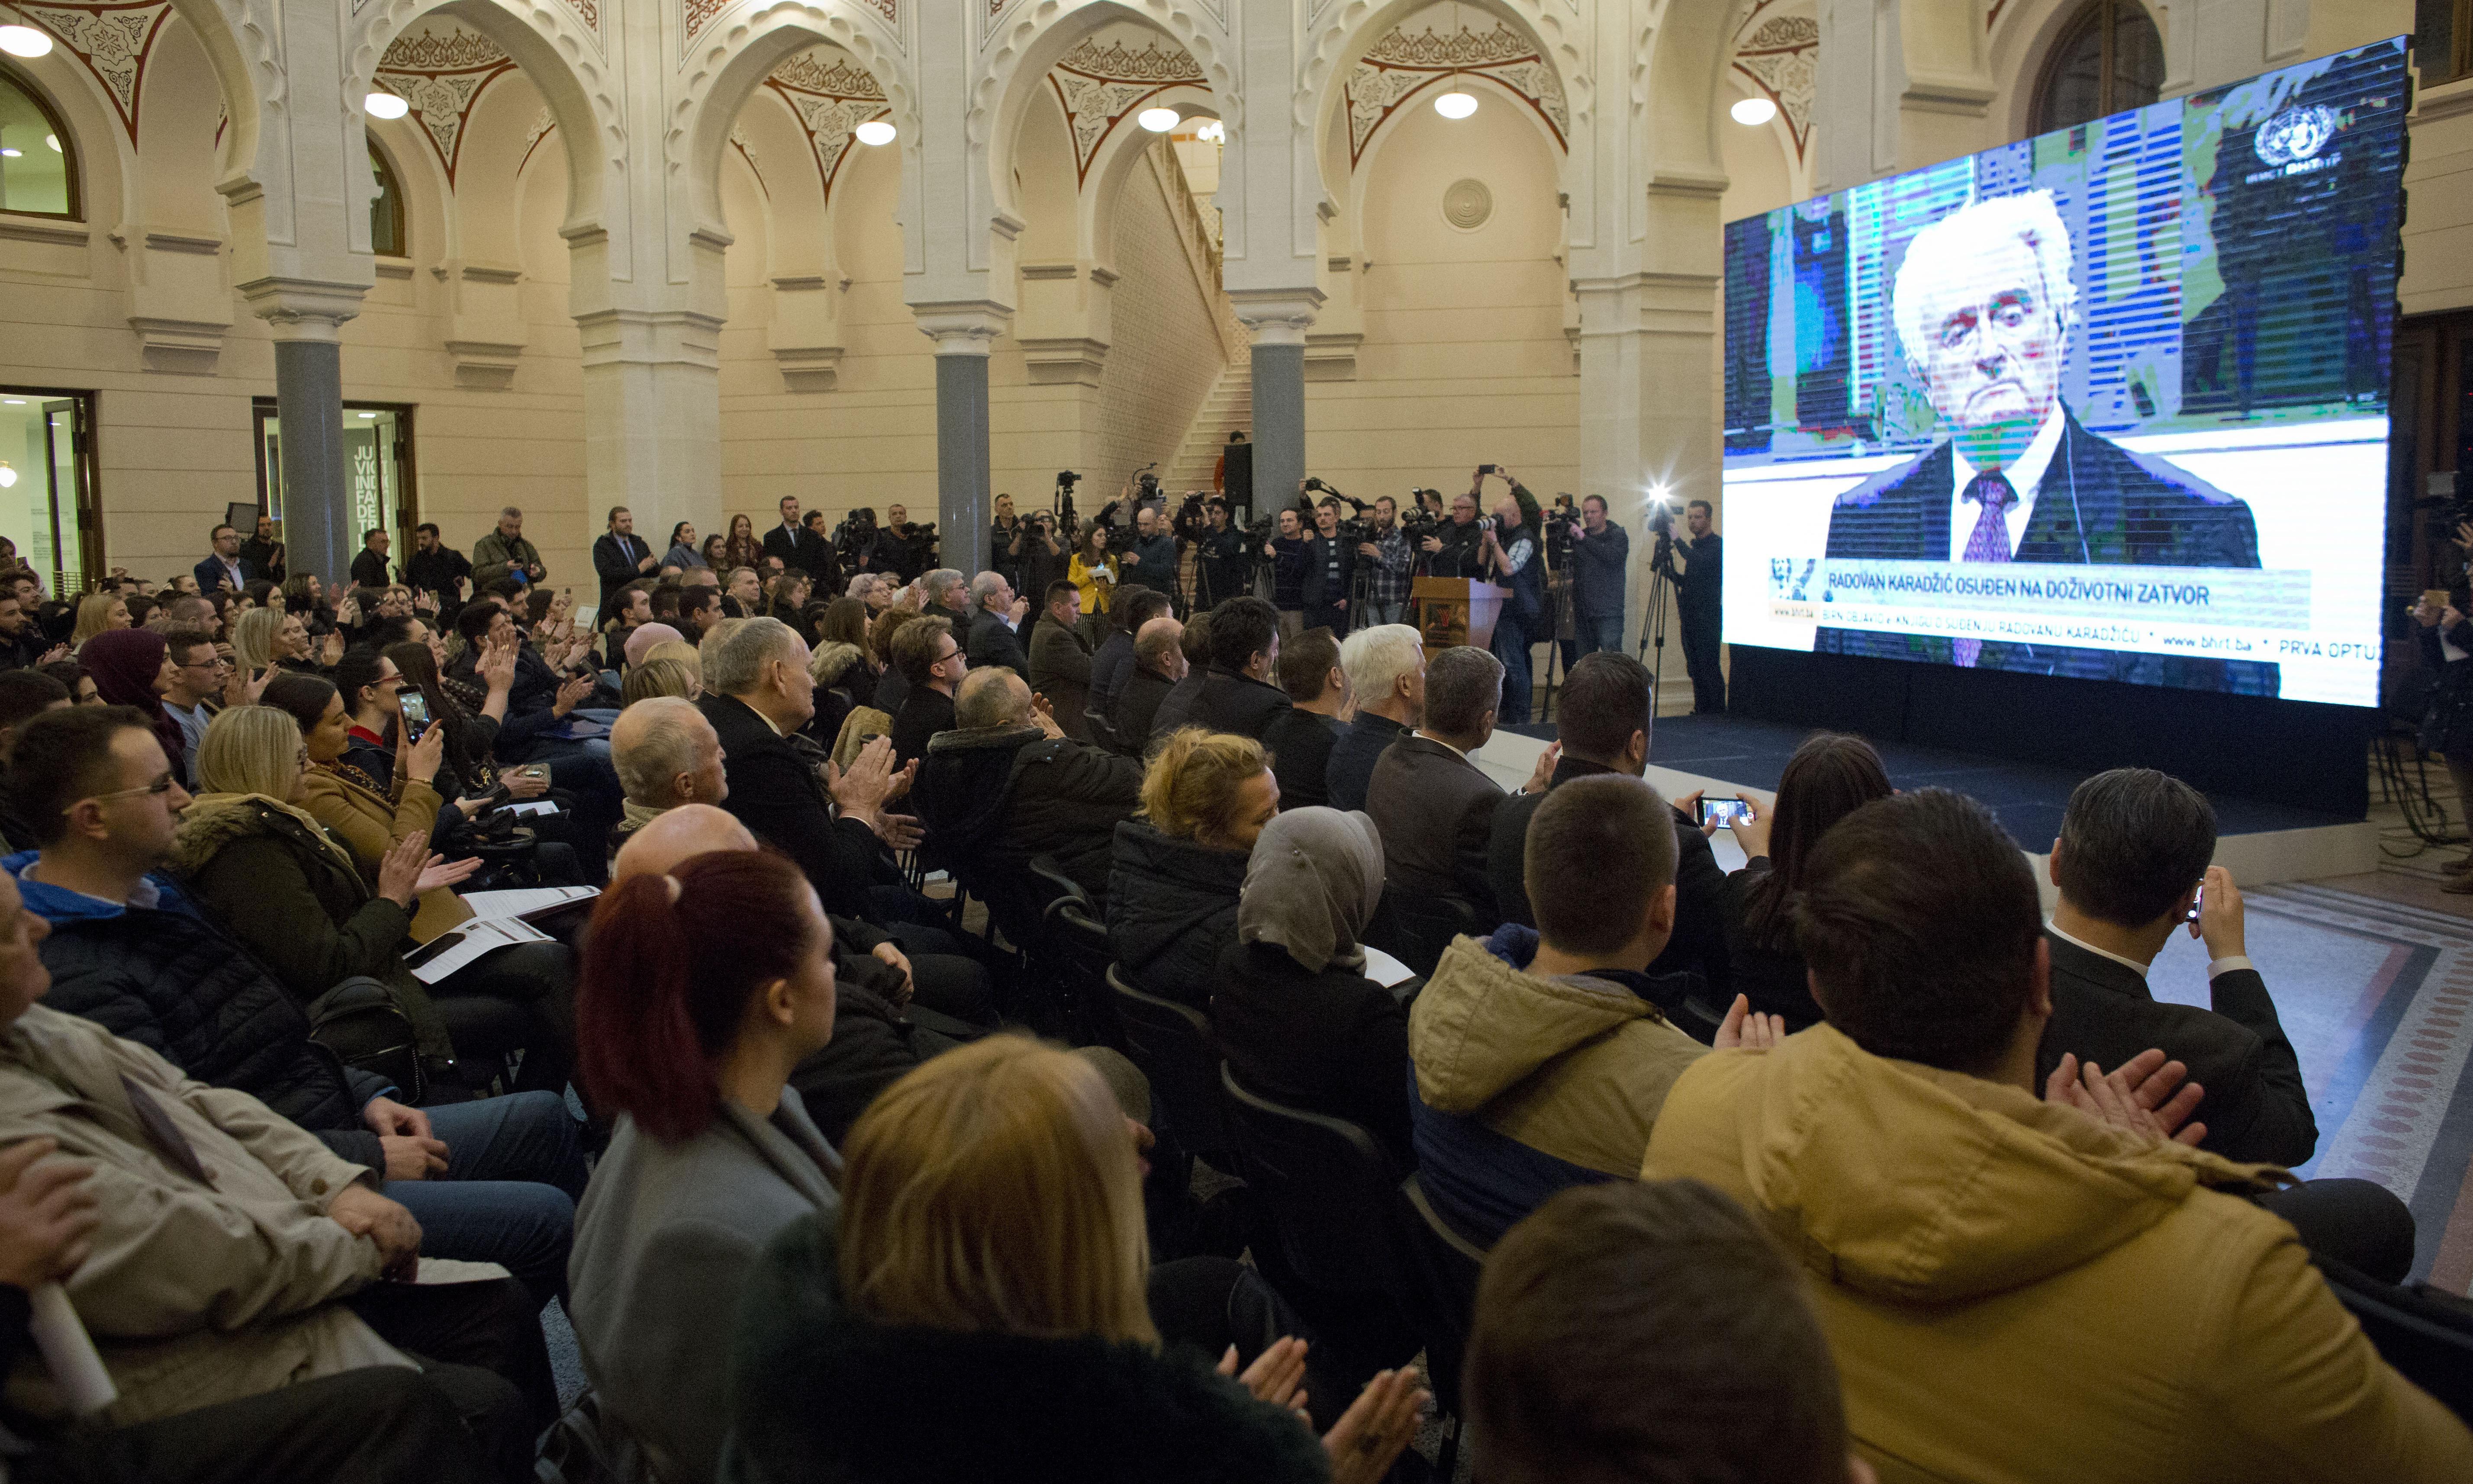 Radovan Karadžić war crimes sentence increased to life in prison